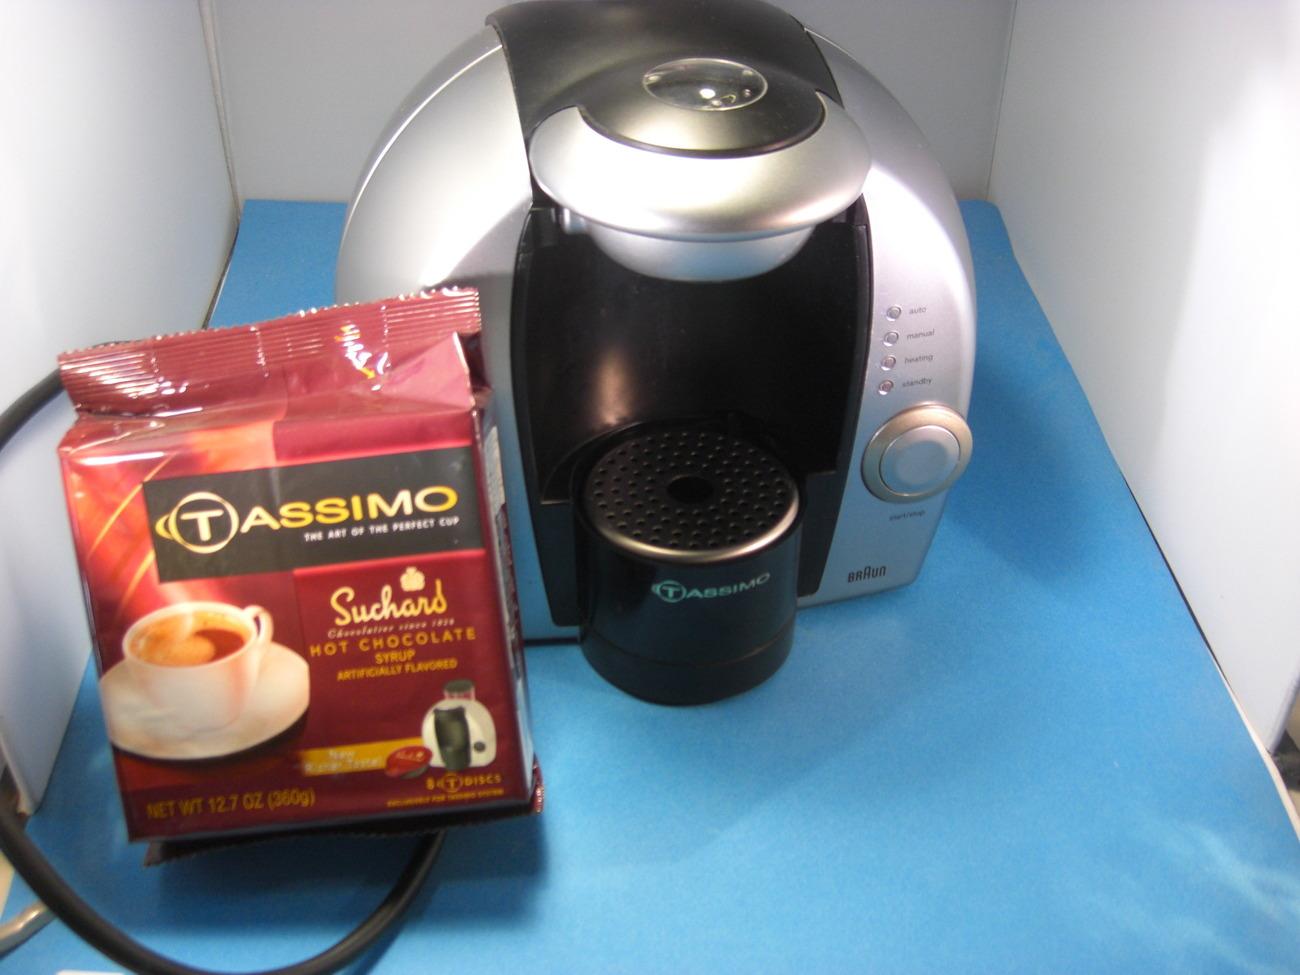 Original Braun Coffee Maker : Braun Tassimo One Cup Coffee Maker Model 3107 - Coffee Makers